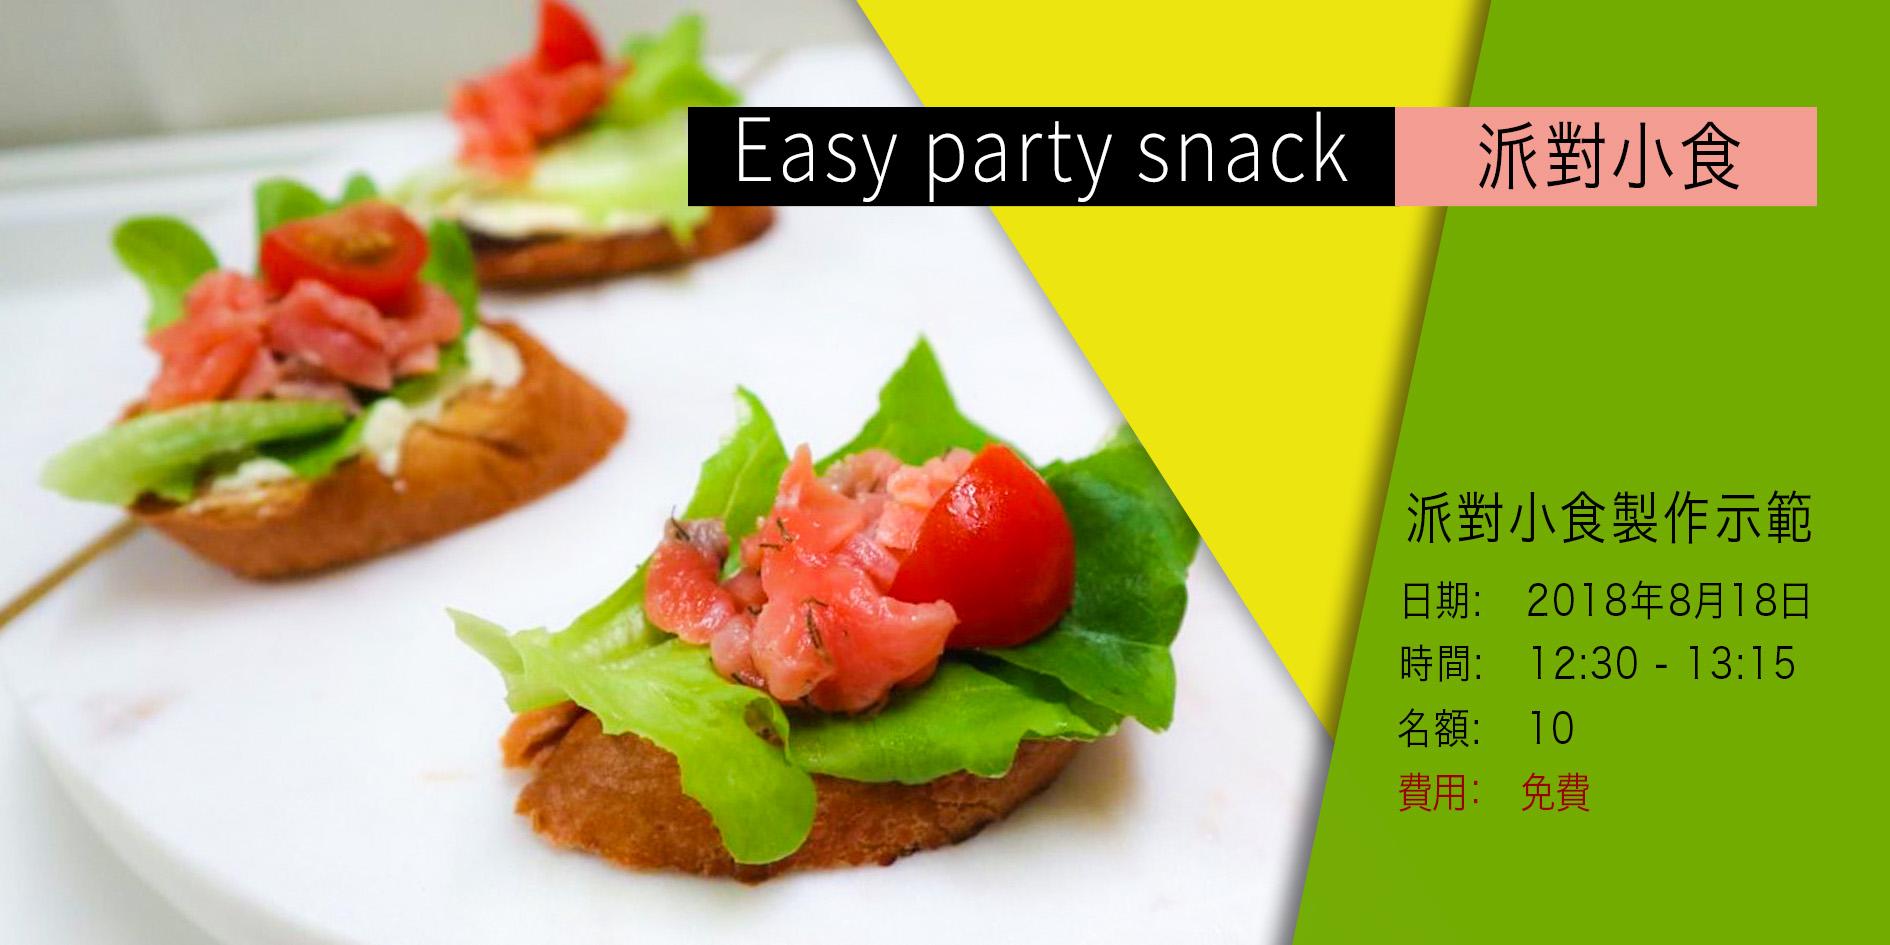 簡易DIY派對小食